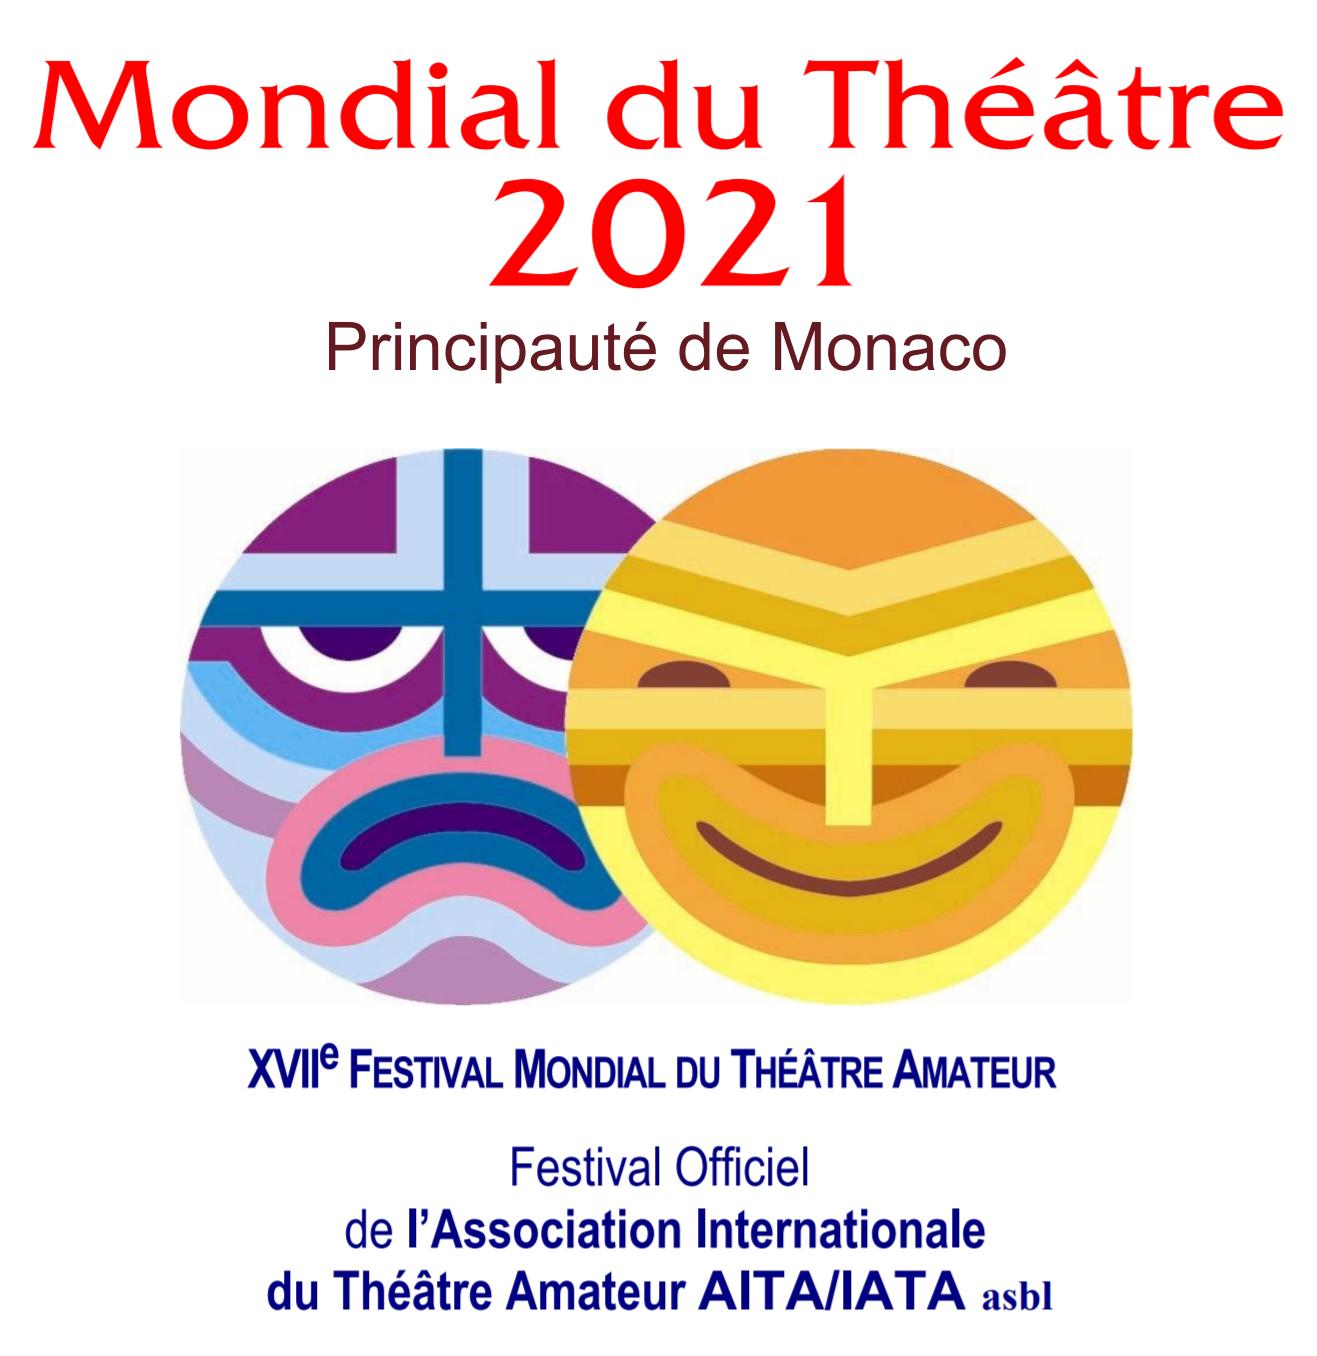 XVII Festival « Mondial du Théâtre » Amateur 2021, Monte Carlo, MÓNACO